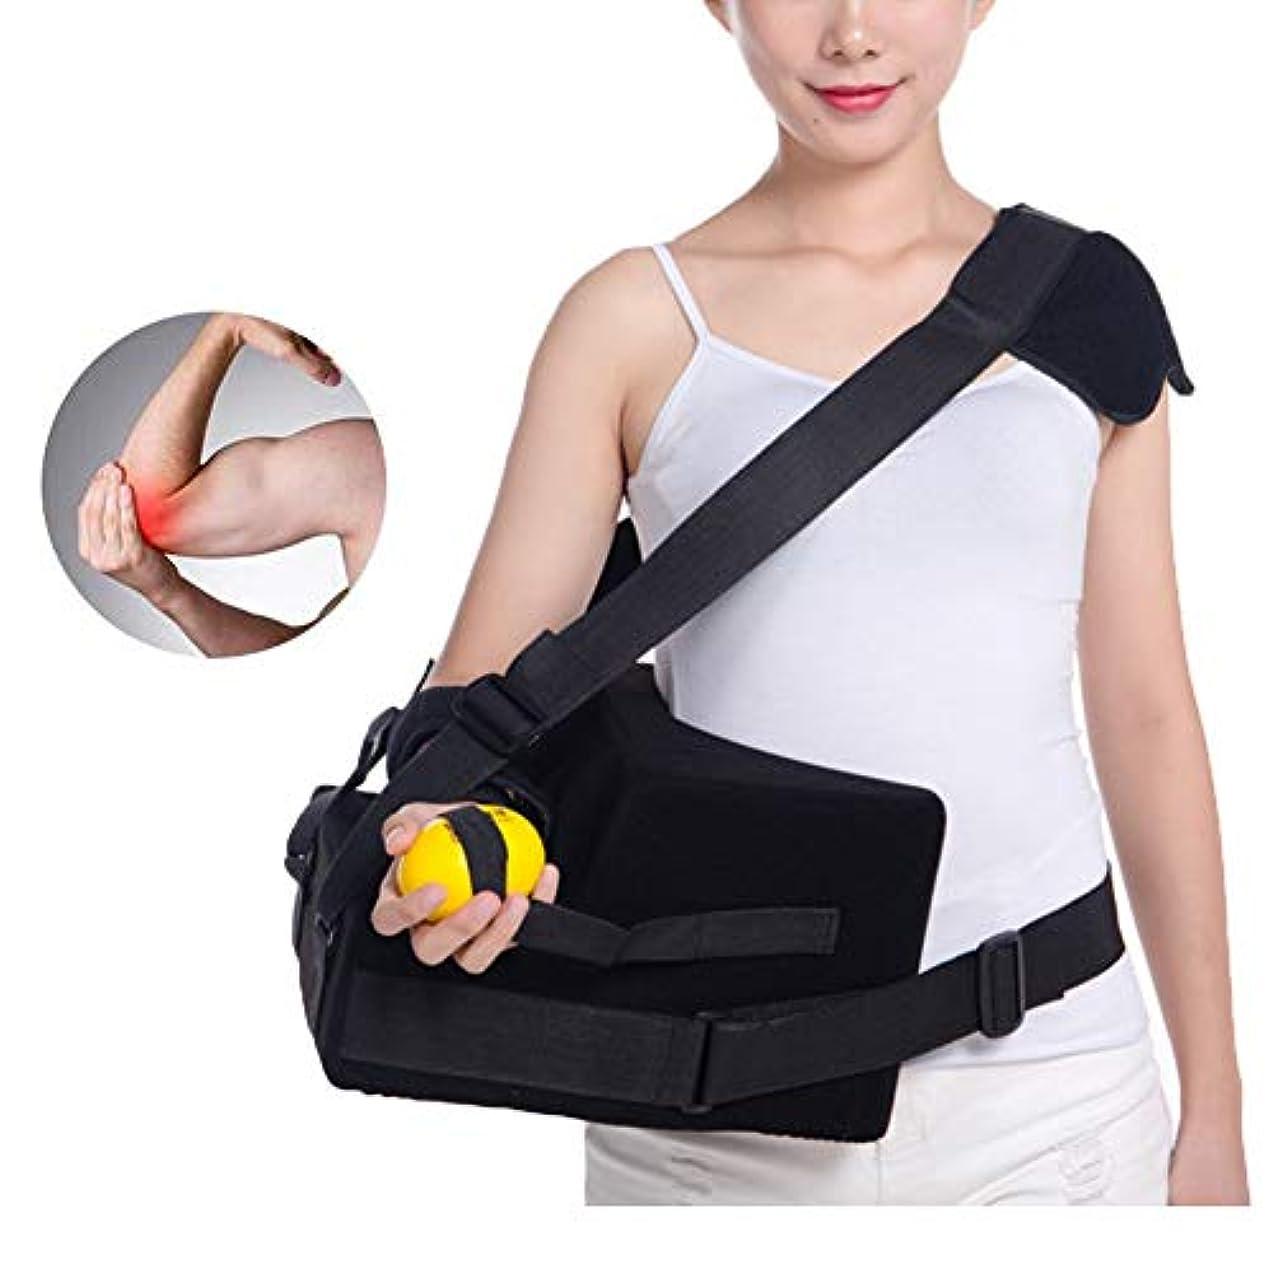 シンジケート役立つかご腕のスリングの肘サポートブレース肩外転ベルト骨折、腕の骨折、手首、肘、肩のけがの軽減とサポート、ワンサイズ - ユニセックス